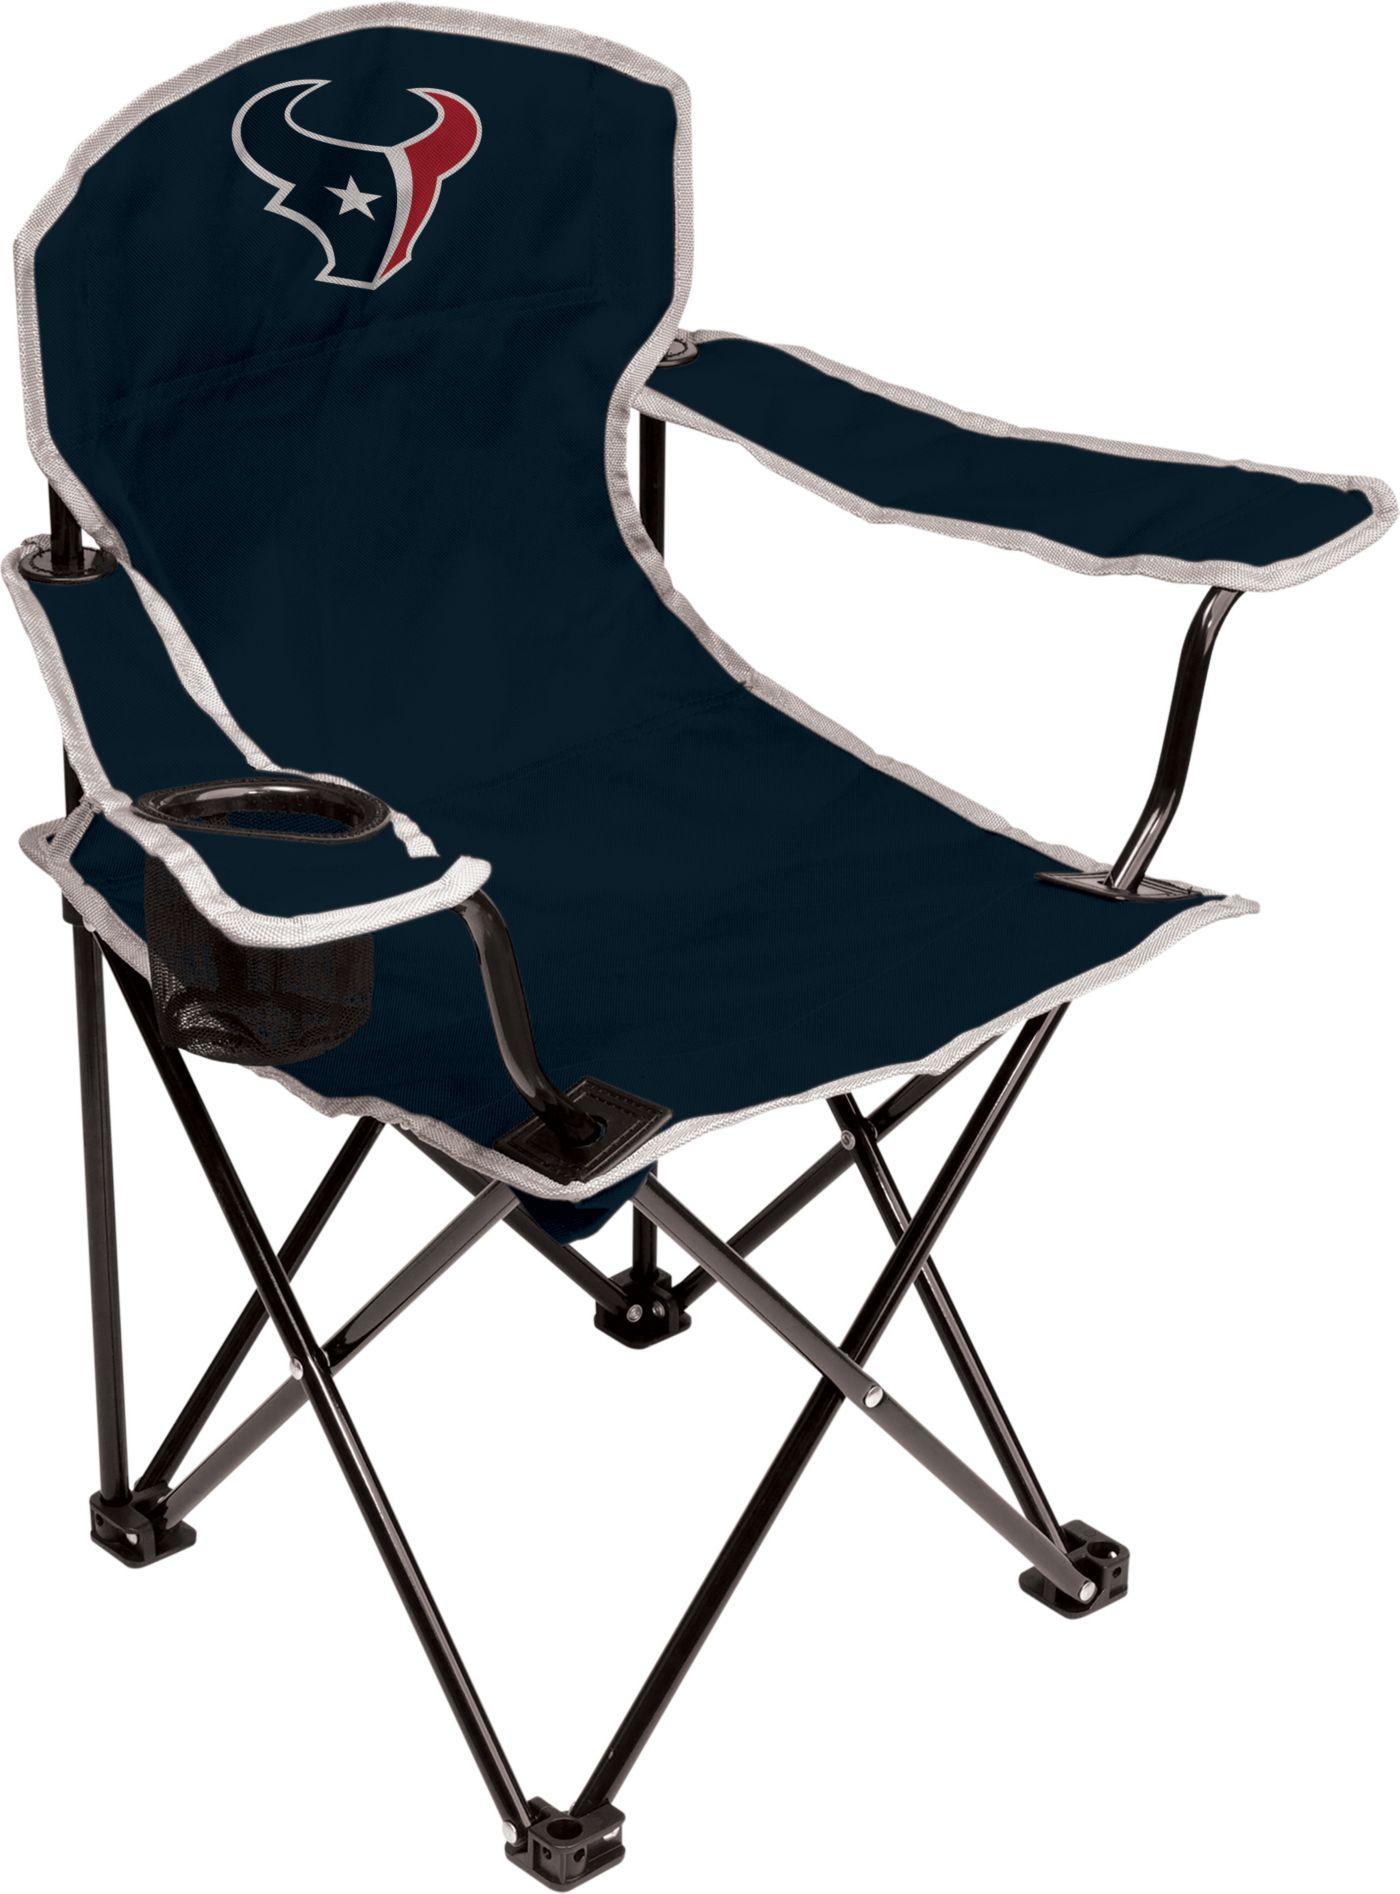 Rawlings Houston Texans TLG8 Chair